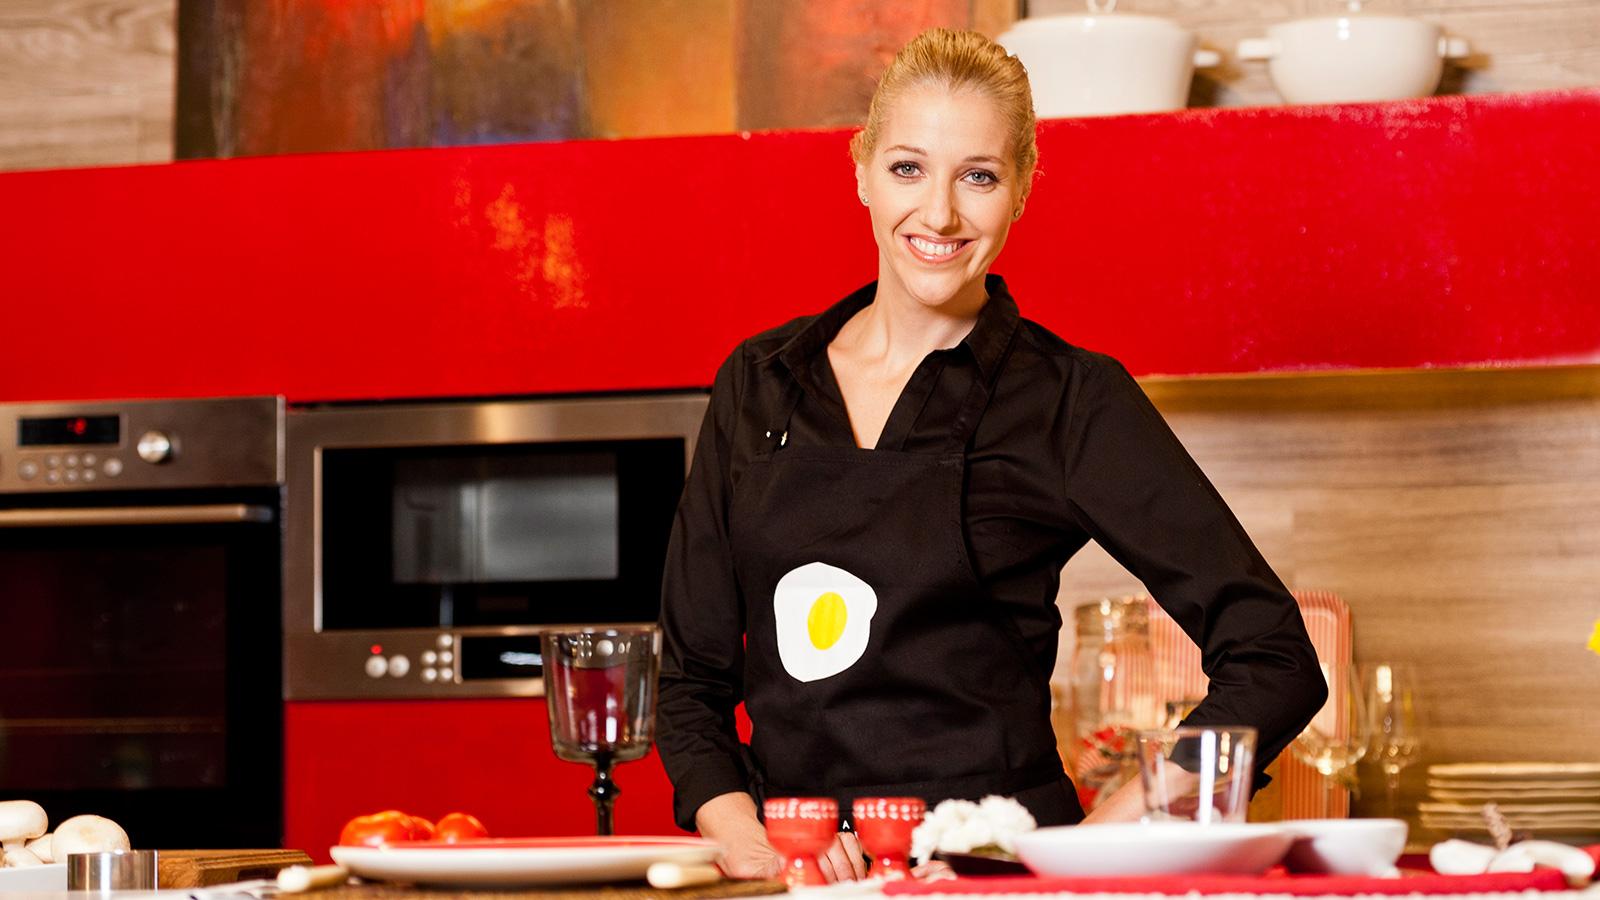 Diana cabrera cocineros canal cocina - Diana cabrera canal cocina ...